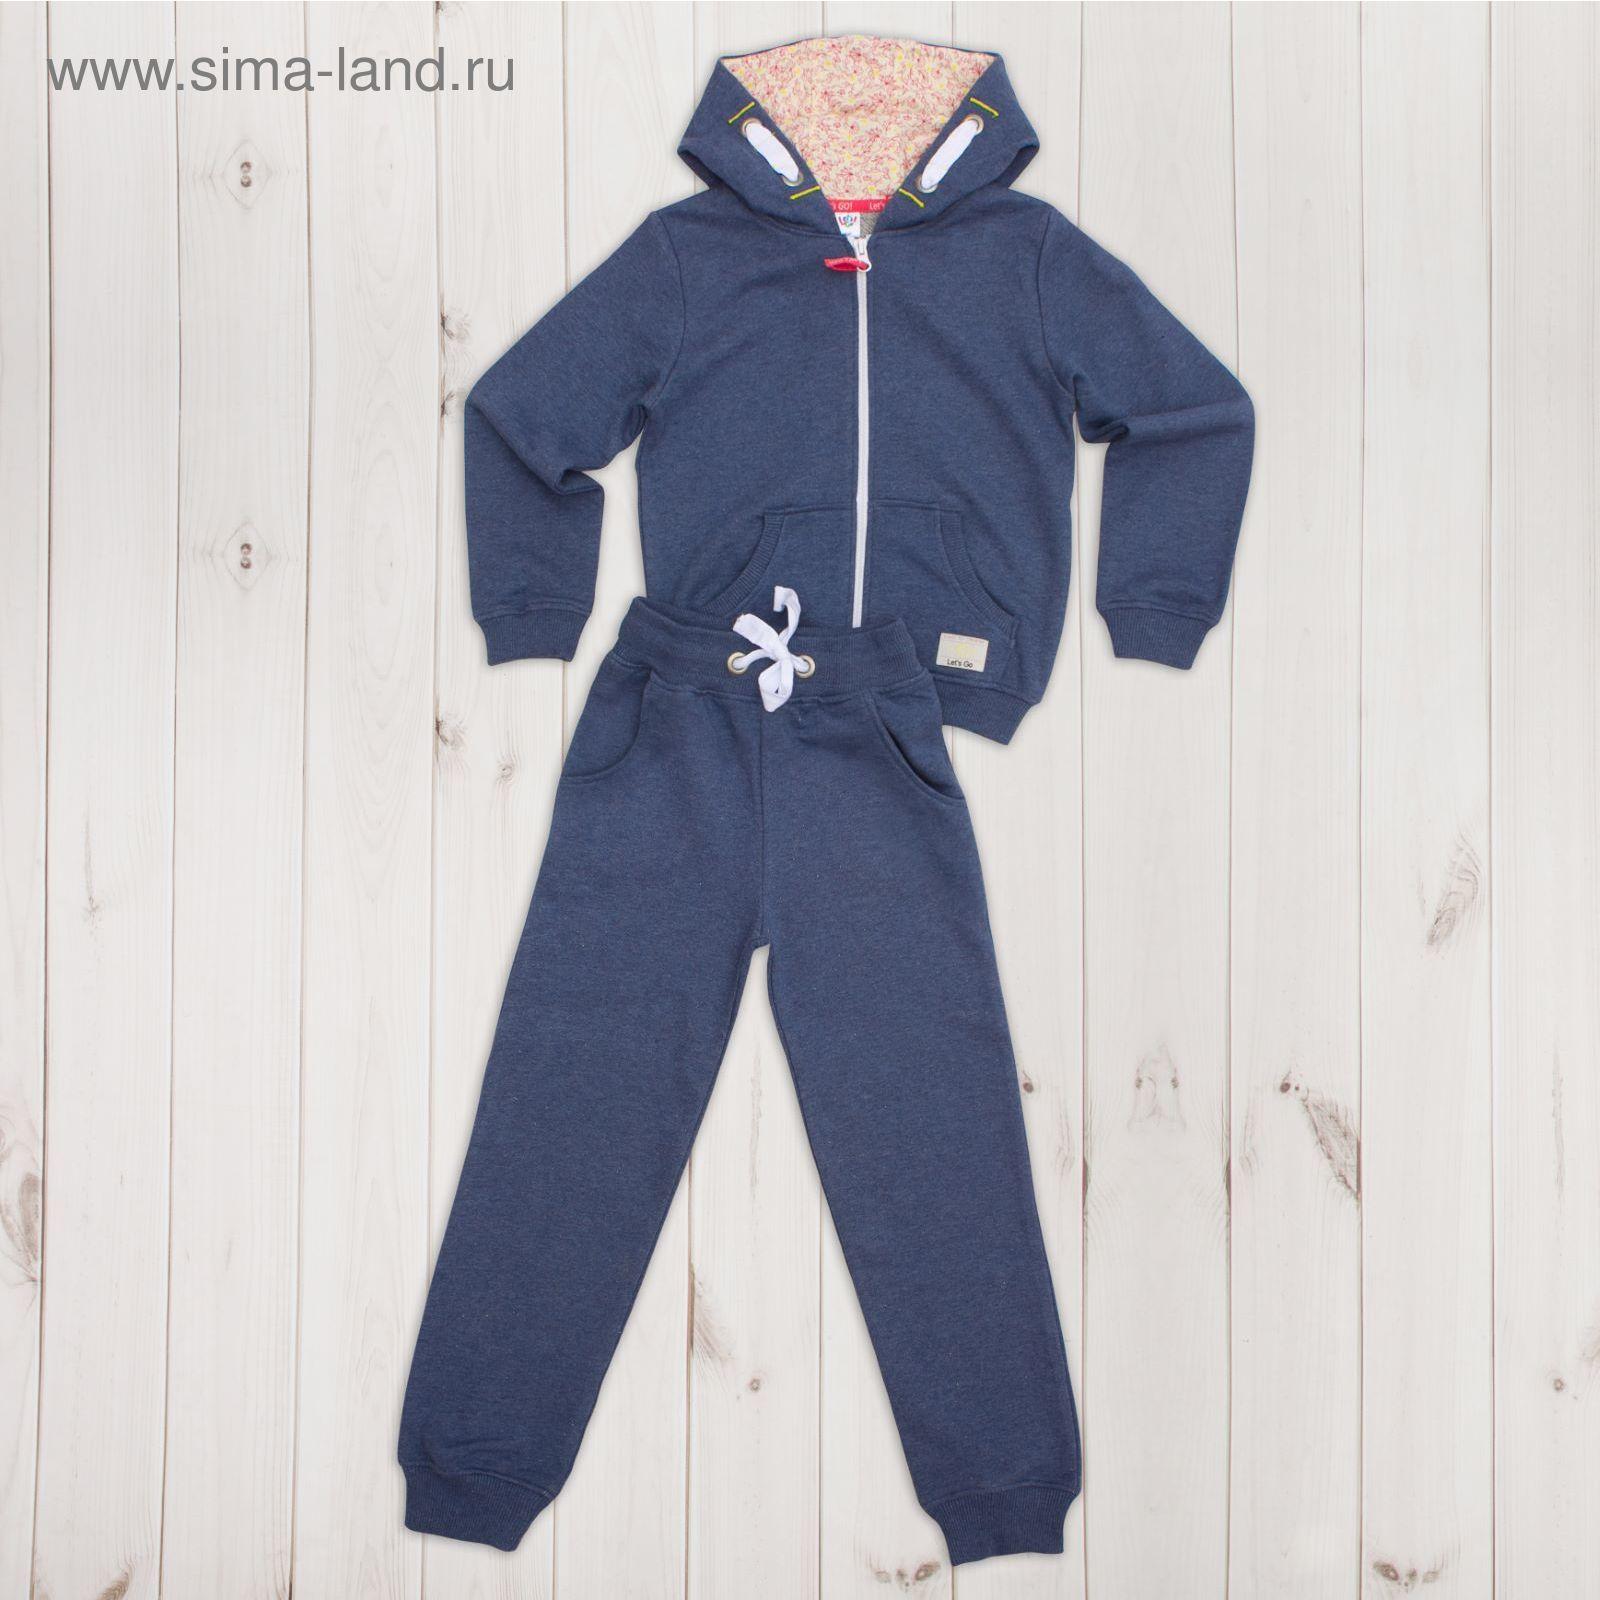 Спортивный костюм для девочки, рост 122 см, цвет тёмно-синий меланж 1118 e52d37faa38